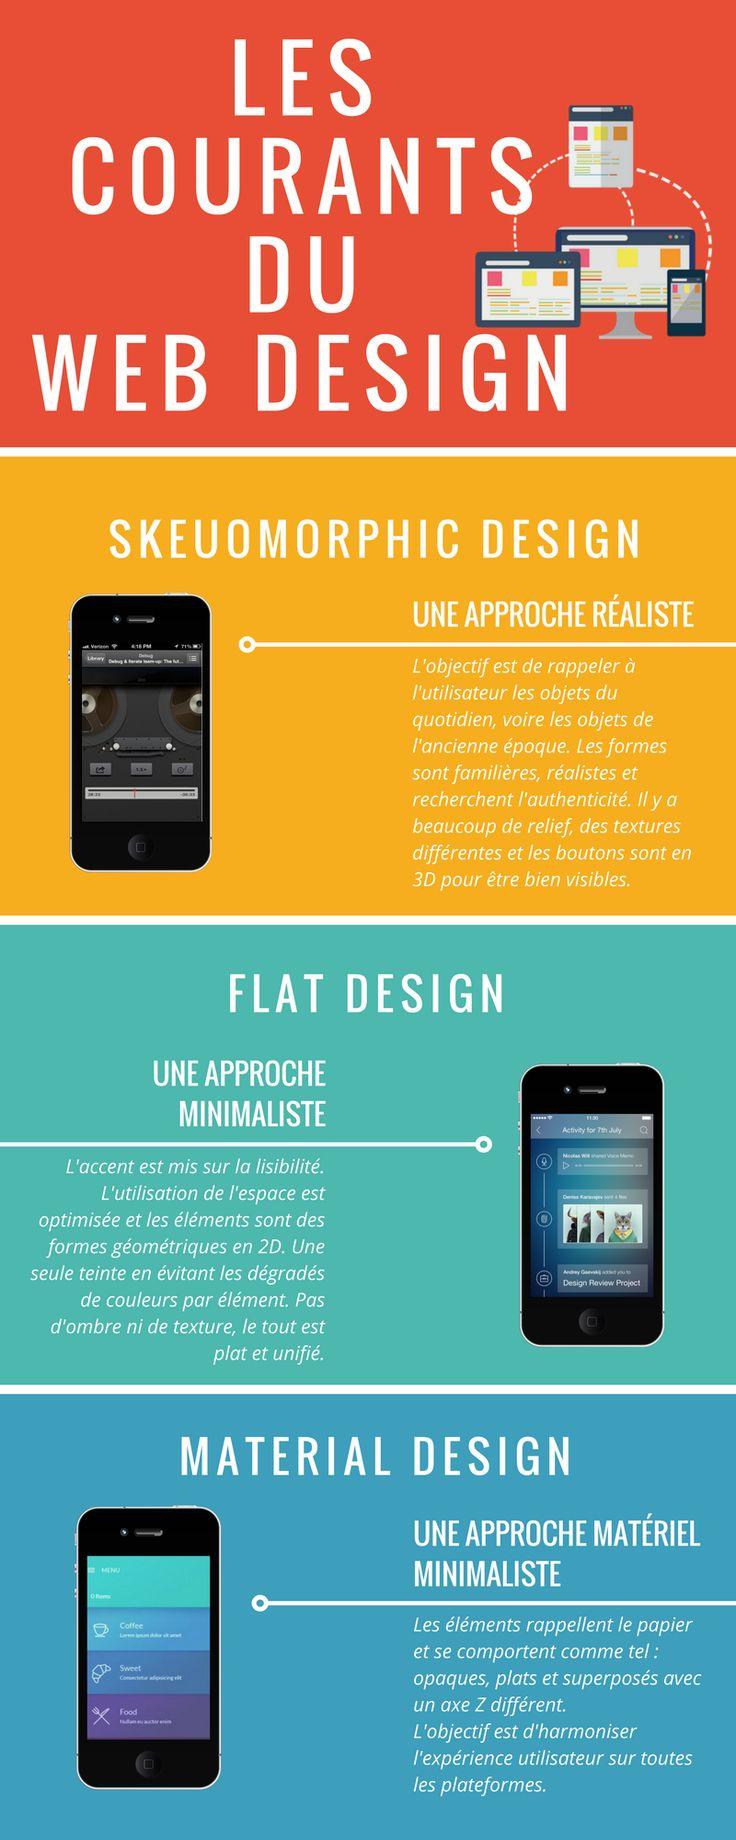 Les courants du web design.  Le web design a beaucoup évolué ces dernières années. La tendance du skeumorphic a laissé place au flat design qui est en passe de se faire remplacer par le material design.   #materialdesign #material #design #webdesign #web #design #flat